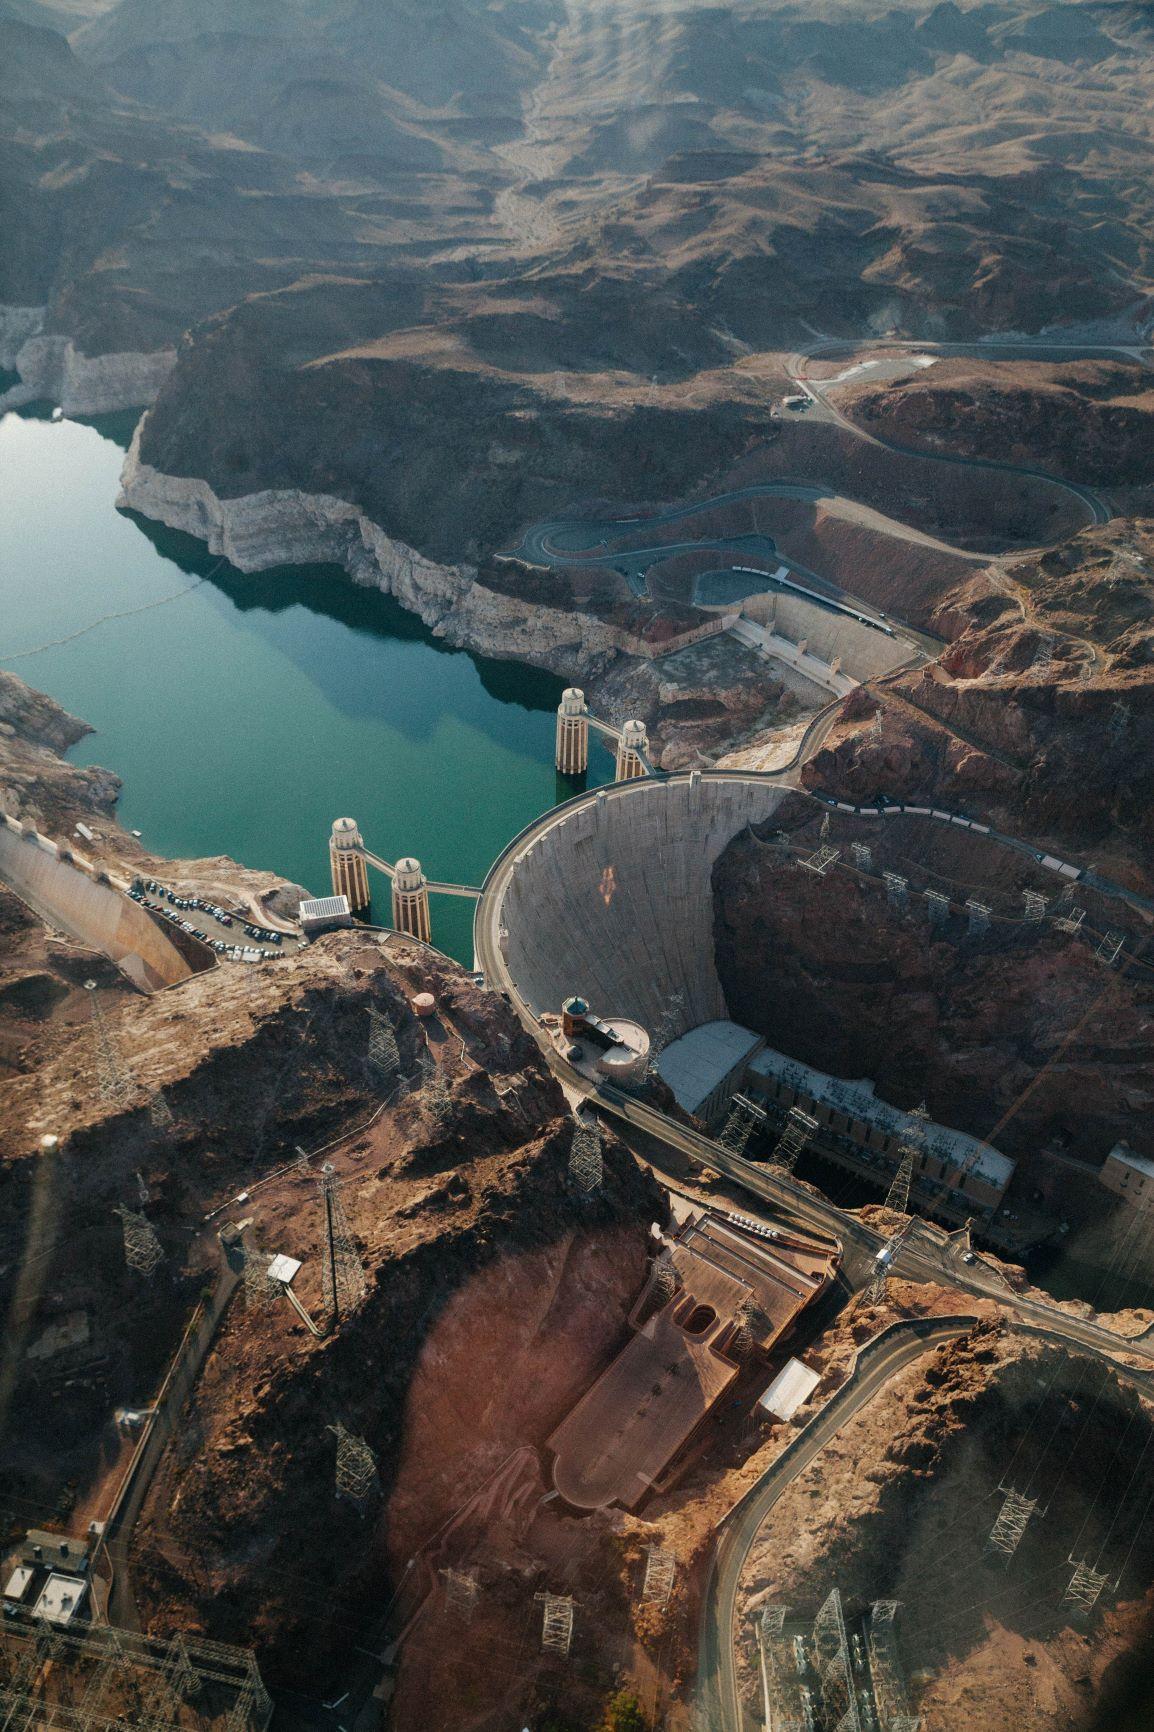 Hoover dam skyview ©Nathan Roser